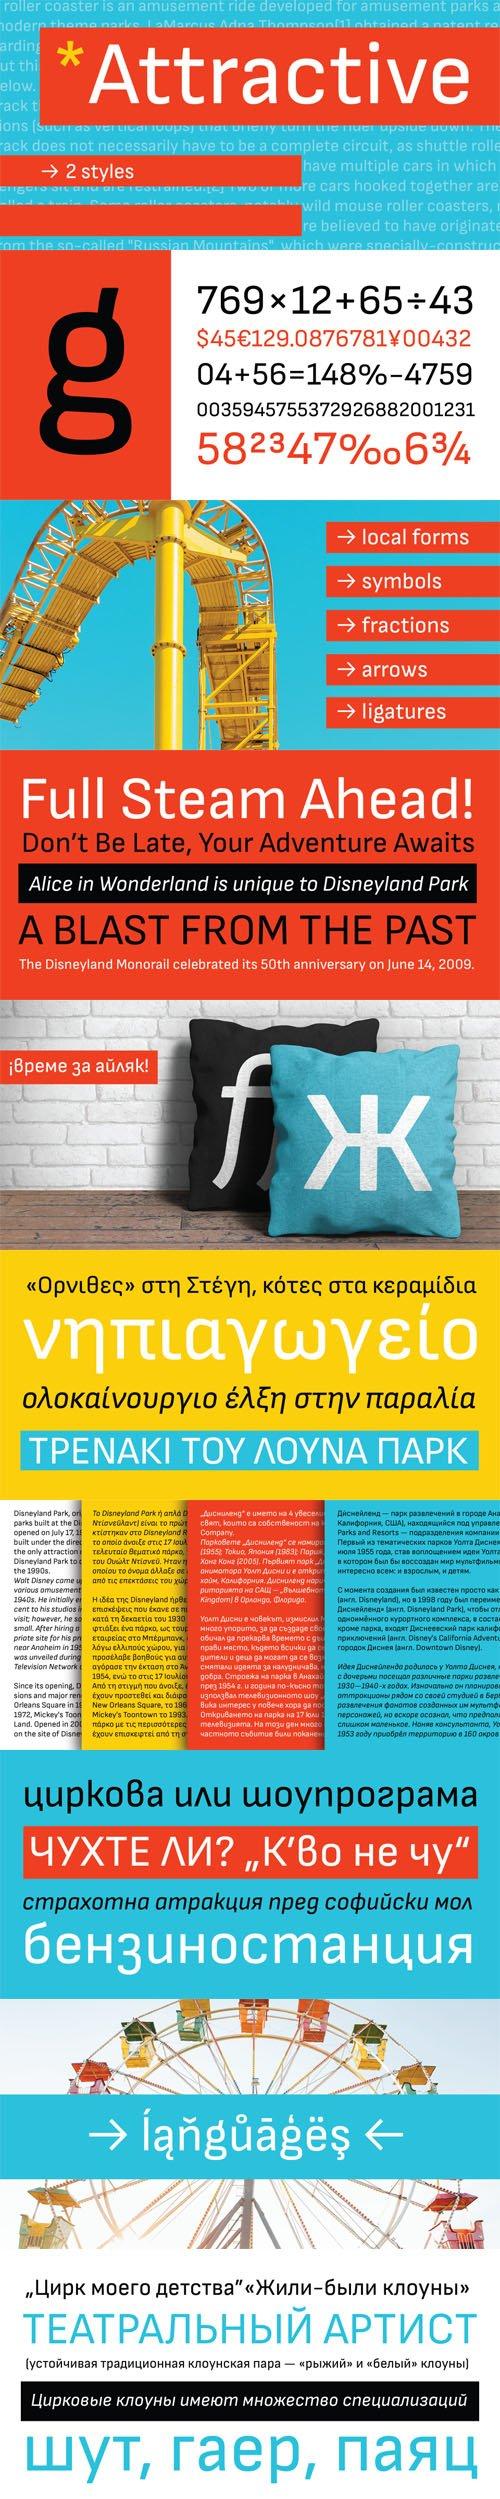 Attractive Sans Typeface TTF/OTF/WOFF » NitroGFX - Download